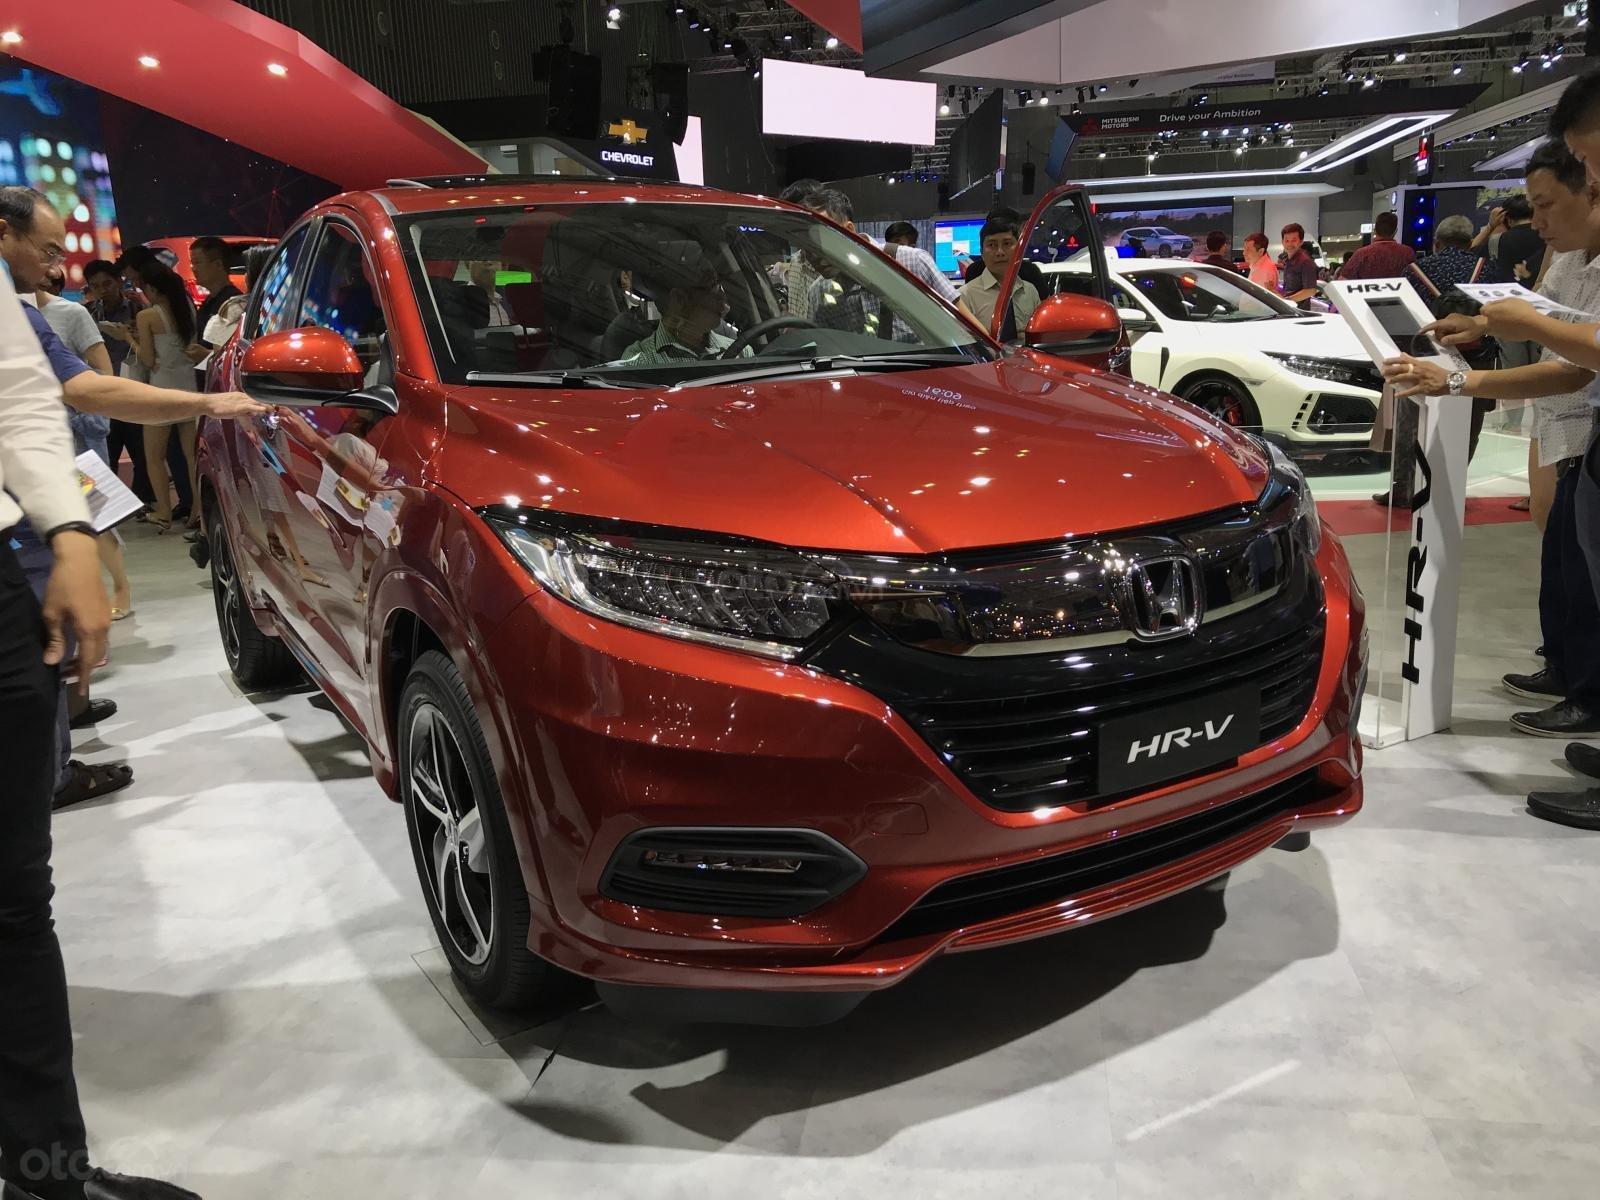 Honda HR-V L, màu đỏ, nhập khẩu. Bao góp trọn gói 250tr. LH 0933.683.056-6